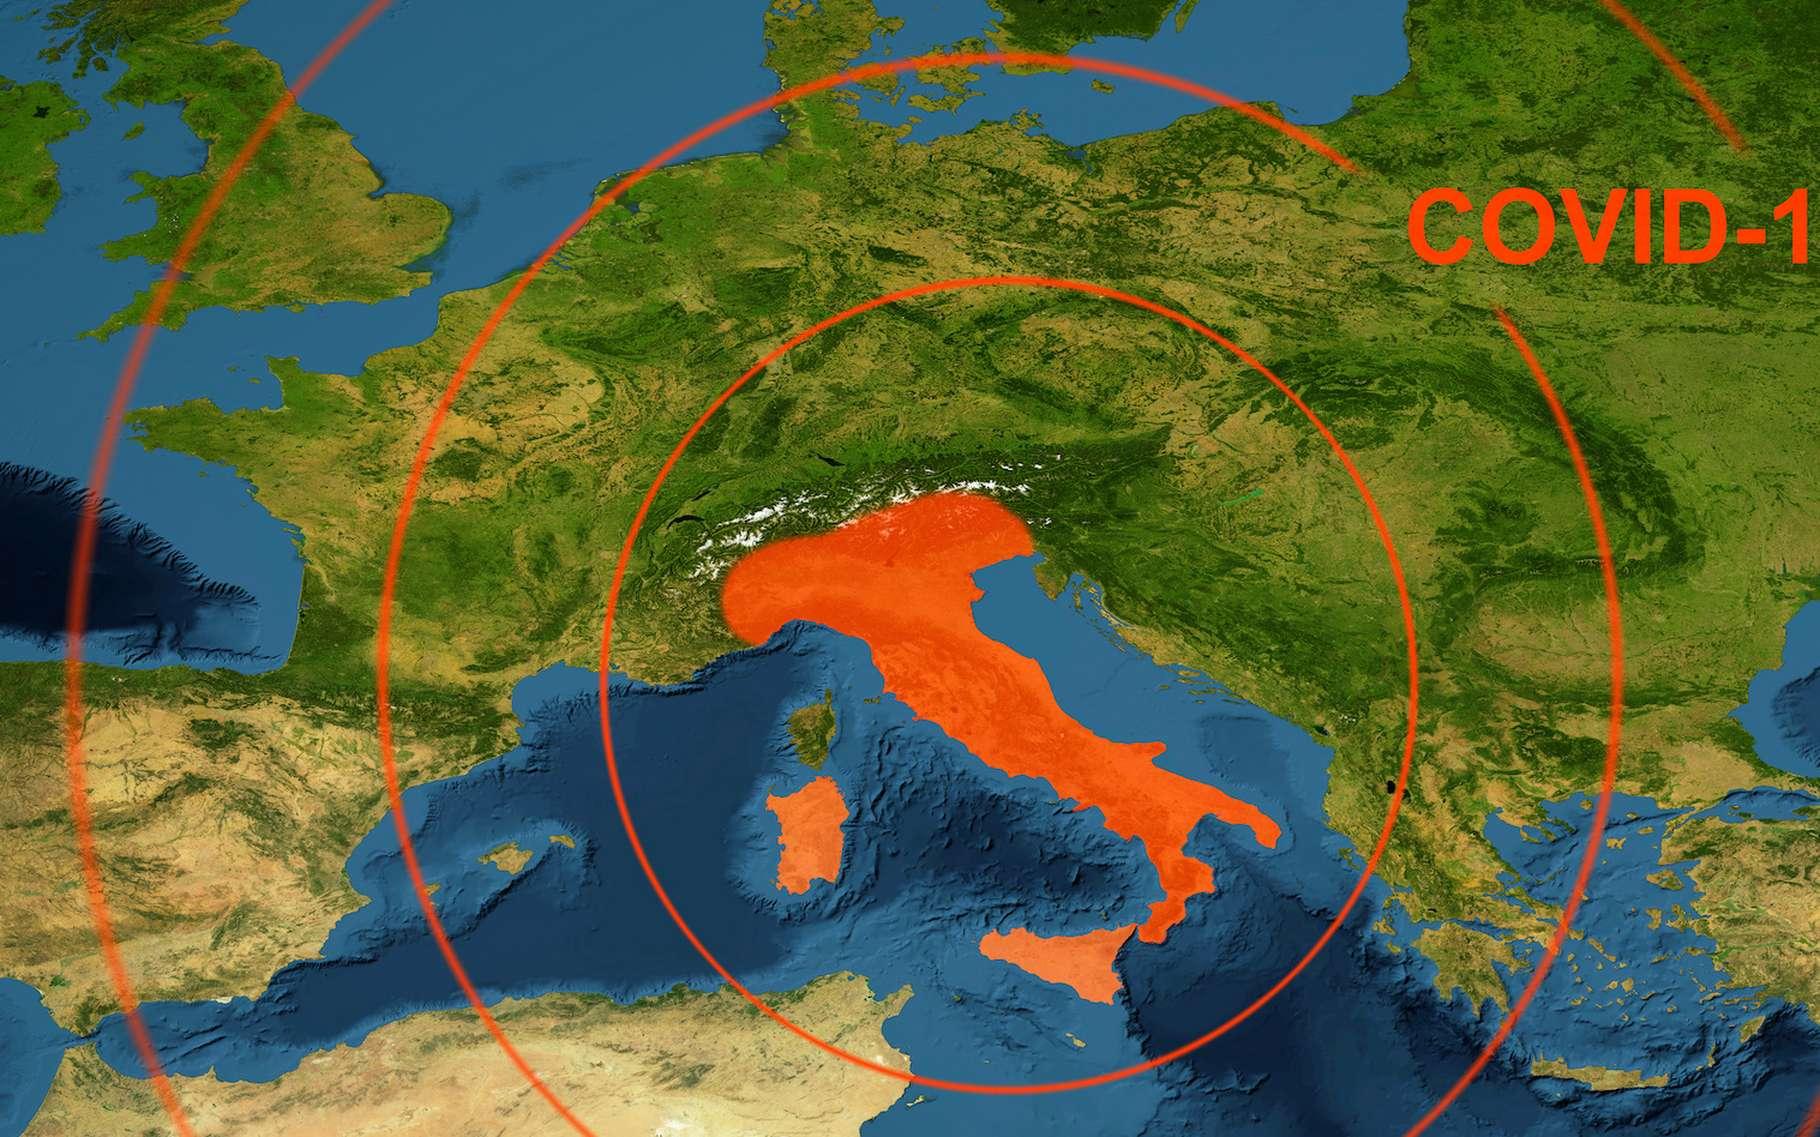 L'Italie pensait avoir connu son premier cas de Covid-19 le 20 février dernier. Mais des chercheurs pensent désormais que le coronavirus aurait pénétré le pays en tout début d'année 2020. © scaliger, Adobe Stock